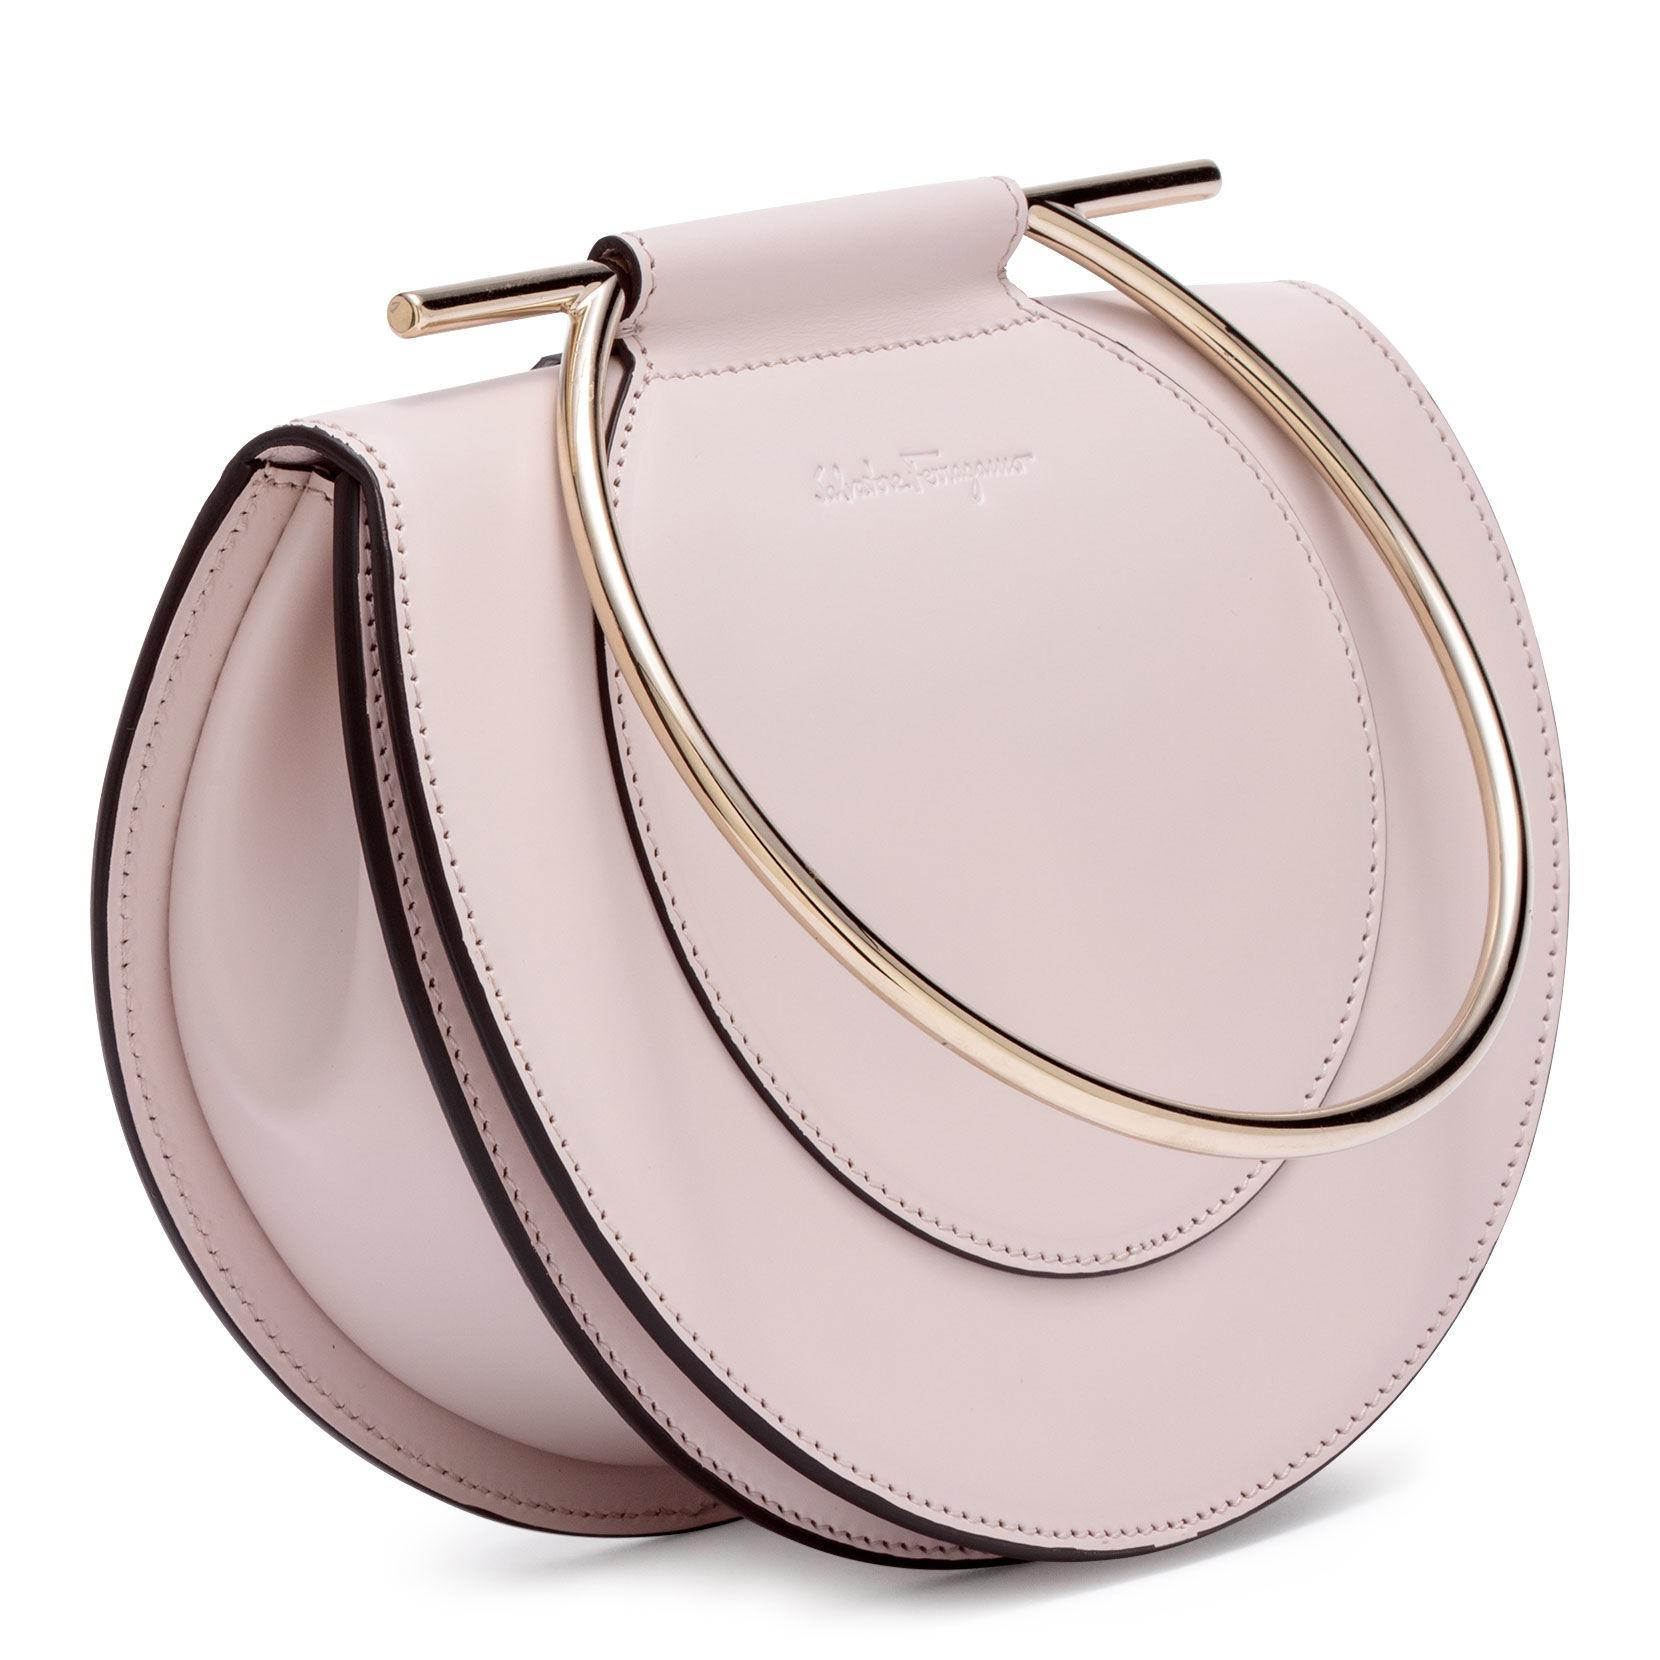 Daphne bandolera Pale Lyst Pink Blush Ferragamo Gancino CO5axqf